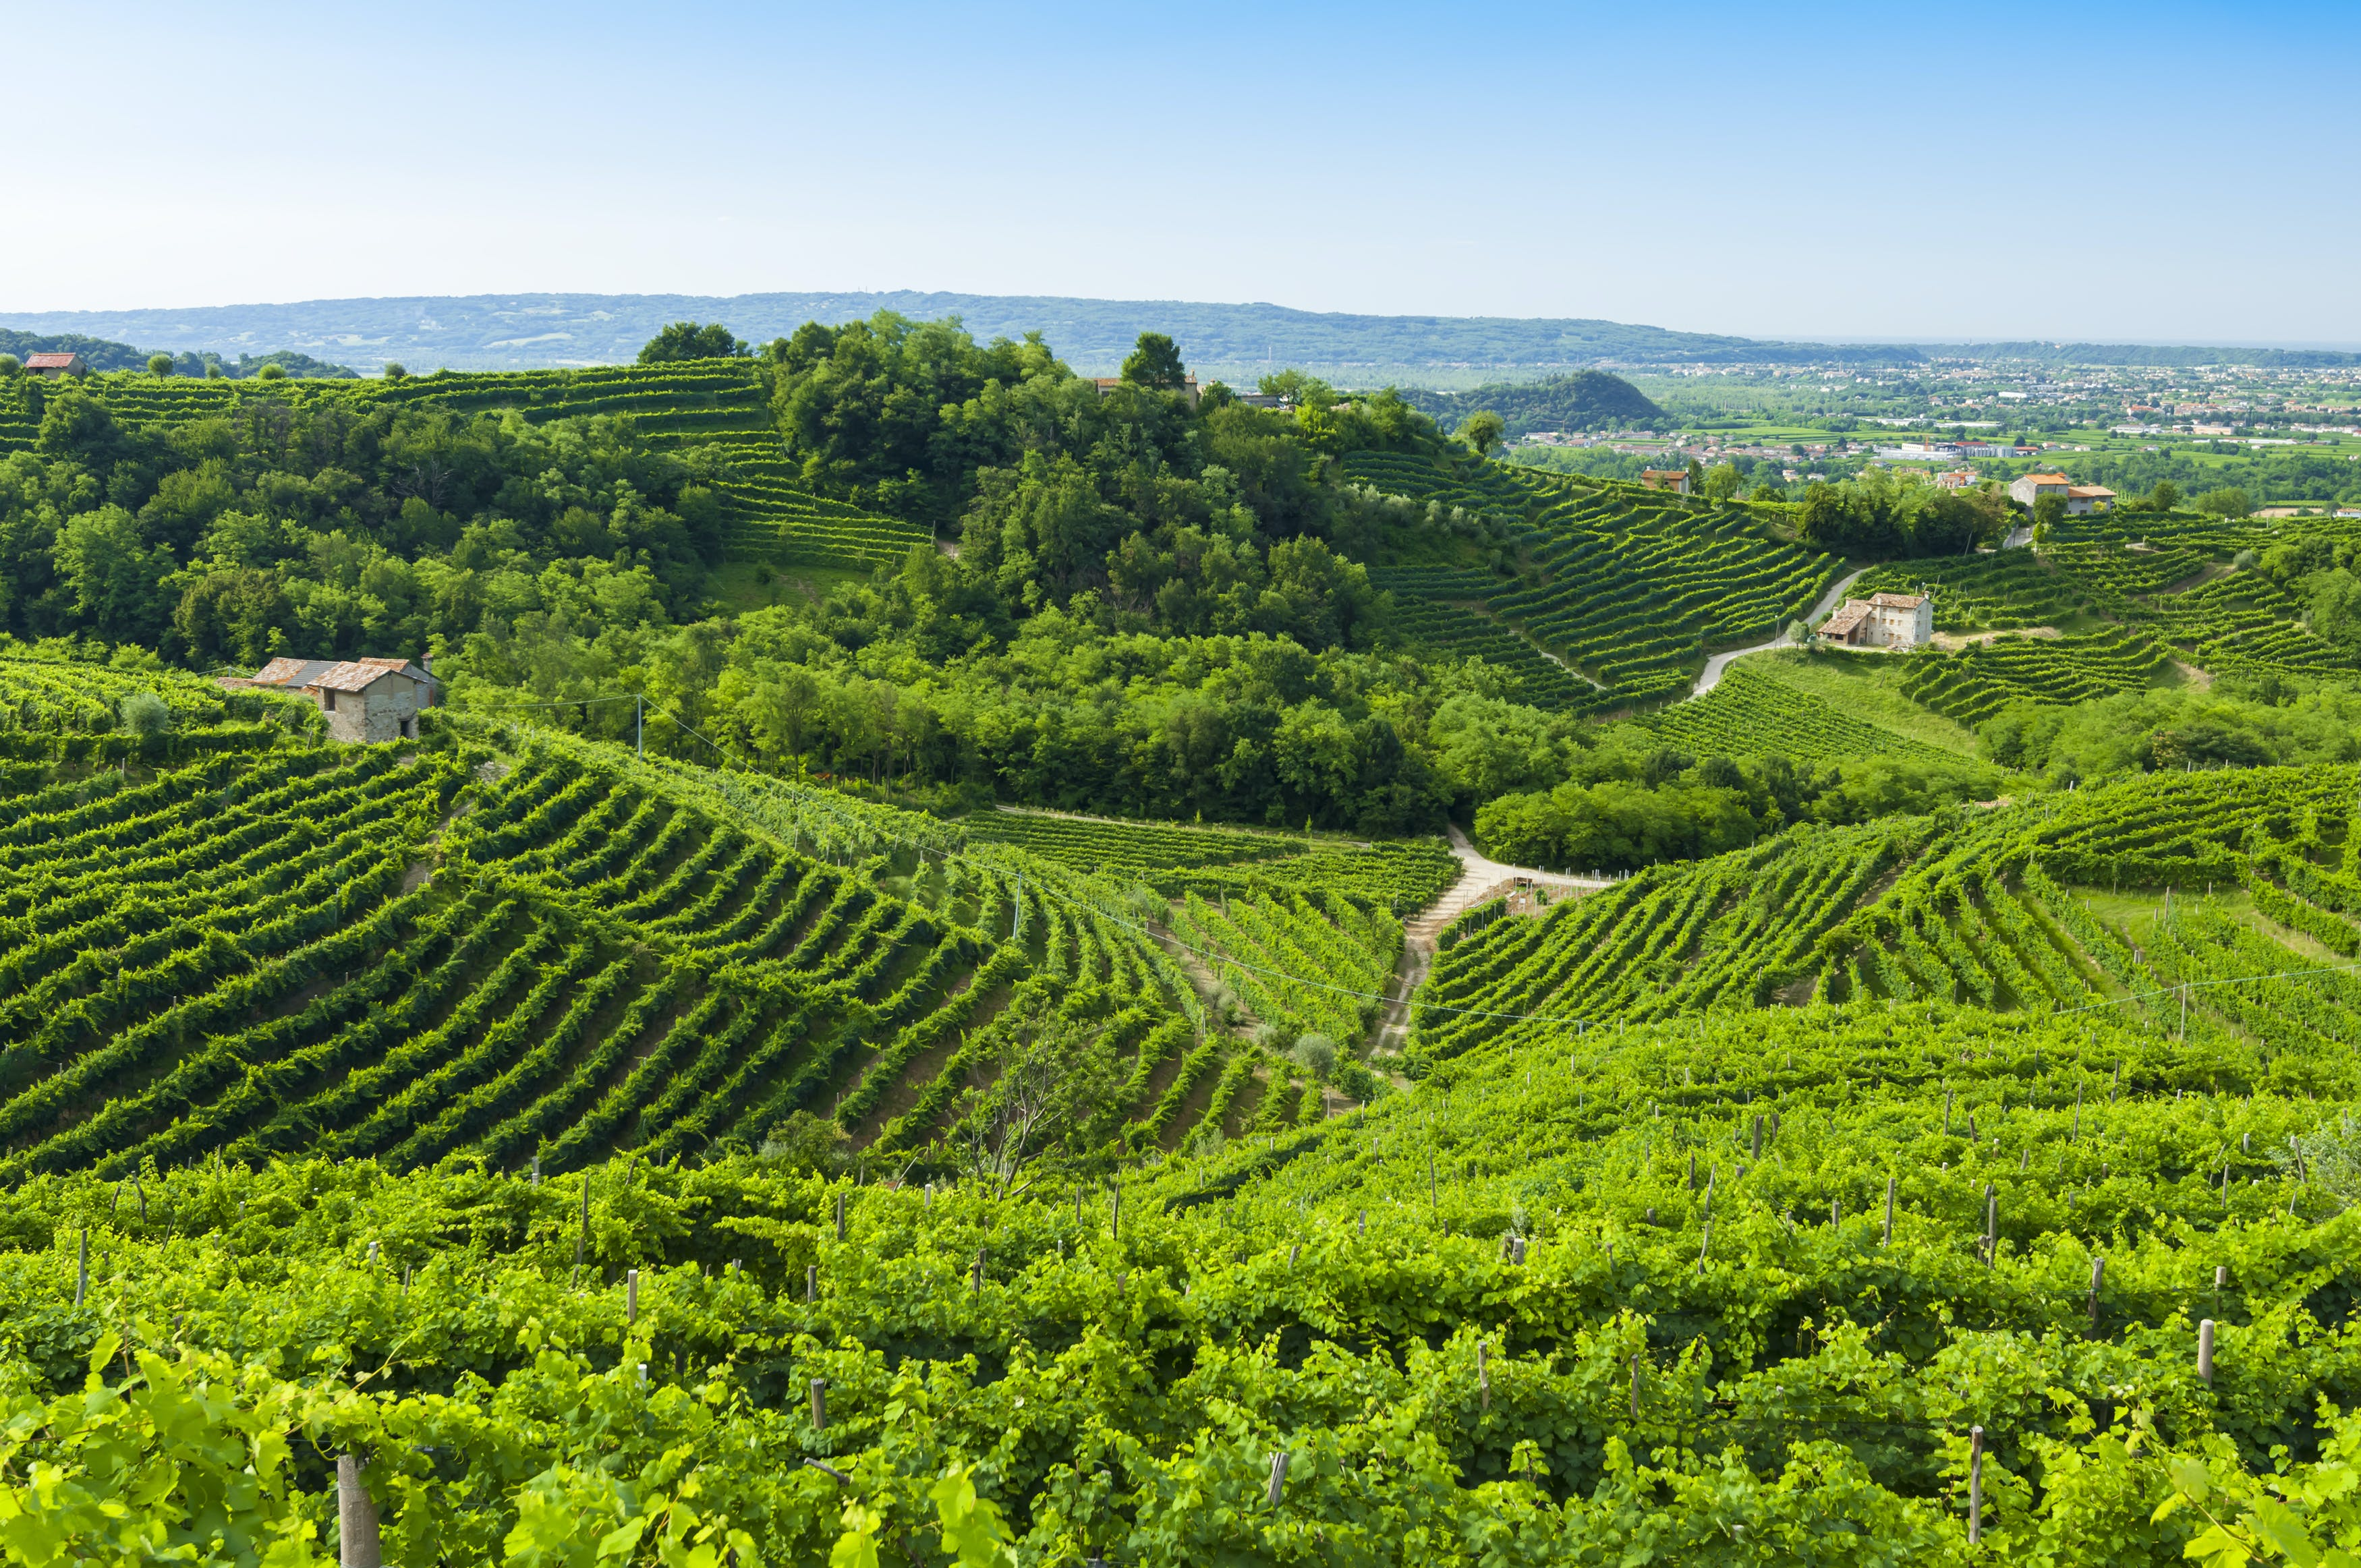 De wijngaarden in de streek van Veneto